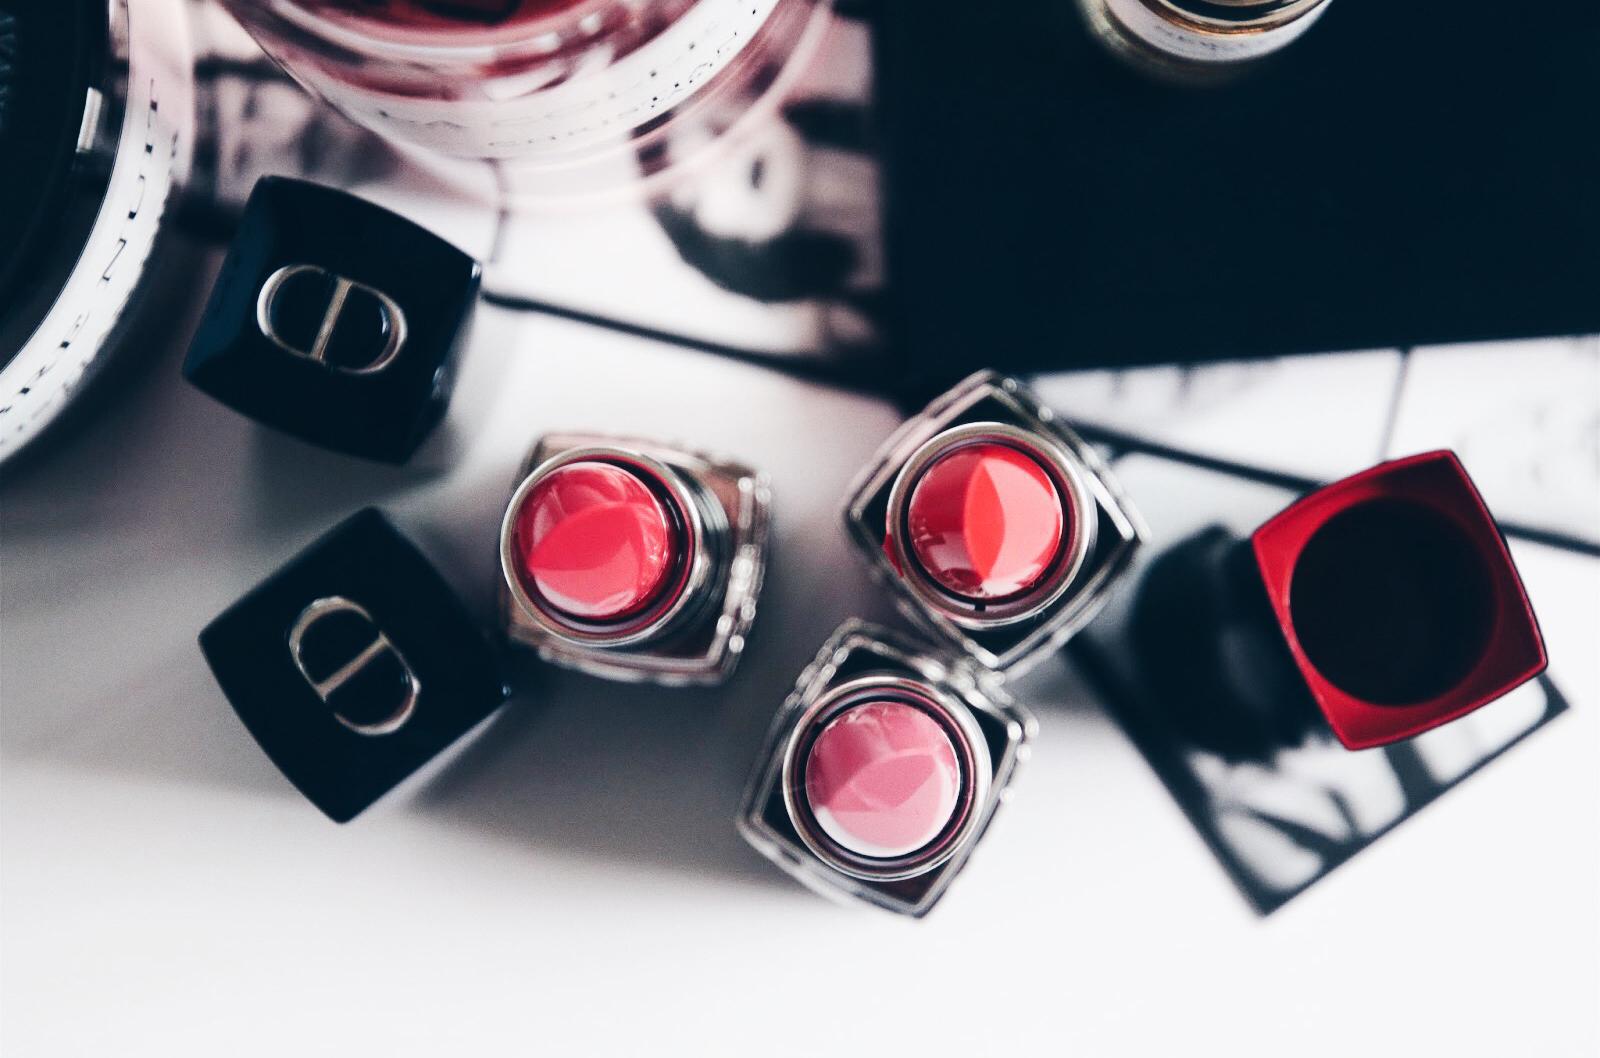 dior rouge couleur couture nouvelle formule creme avis test swatch